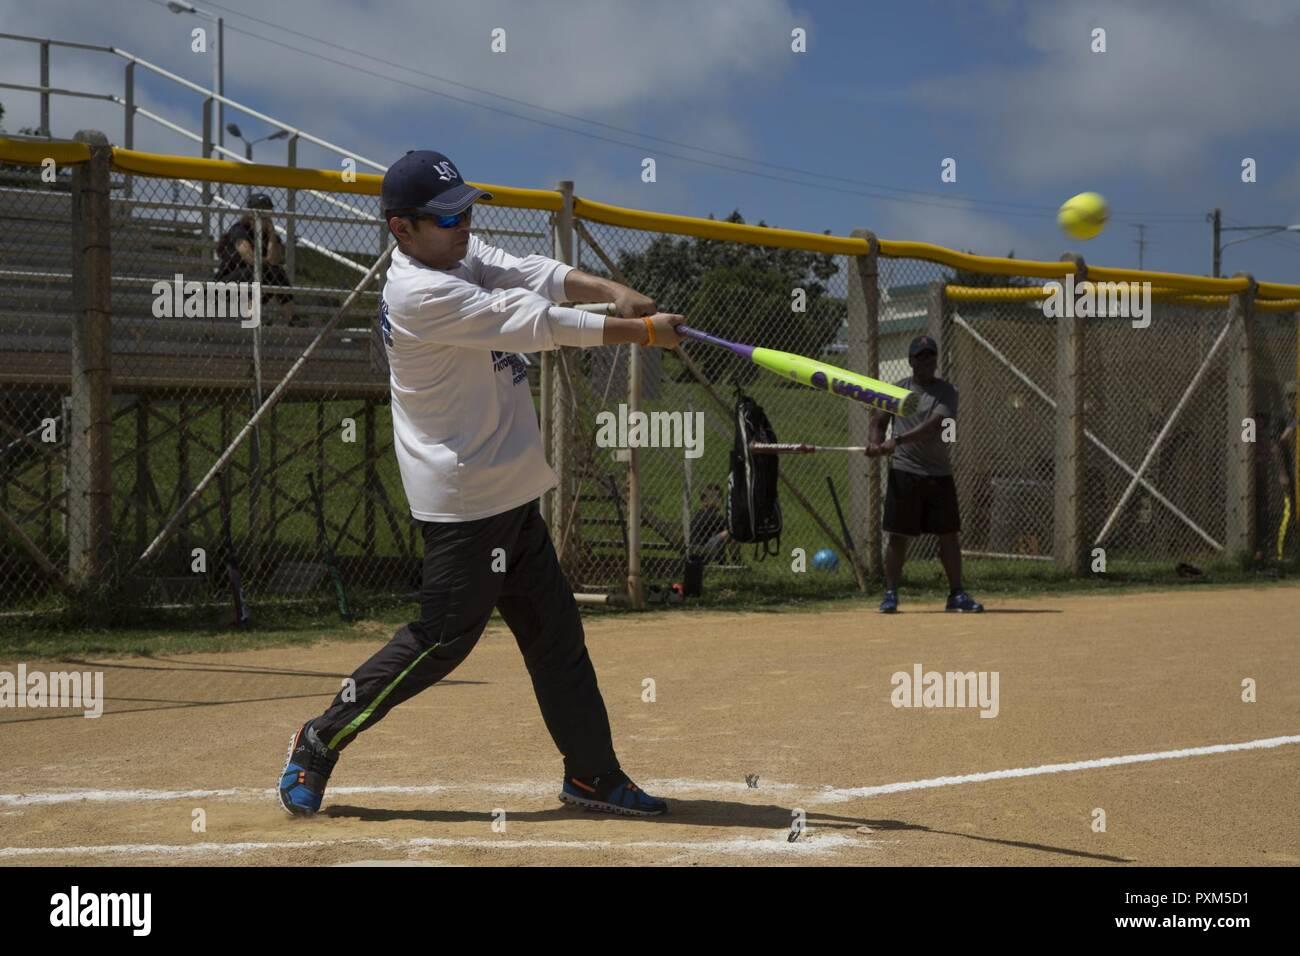 June is full of ball batter